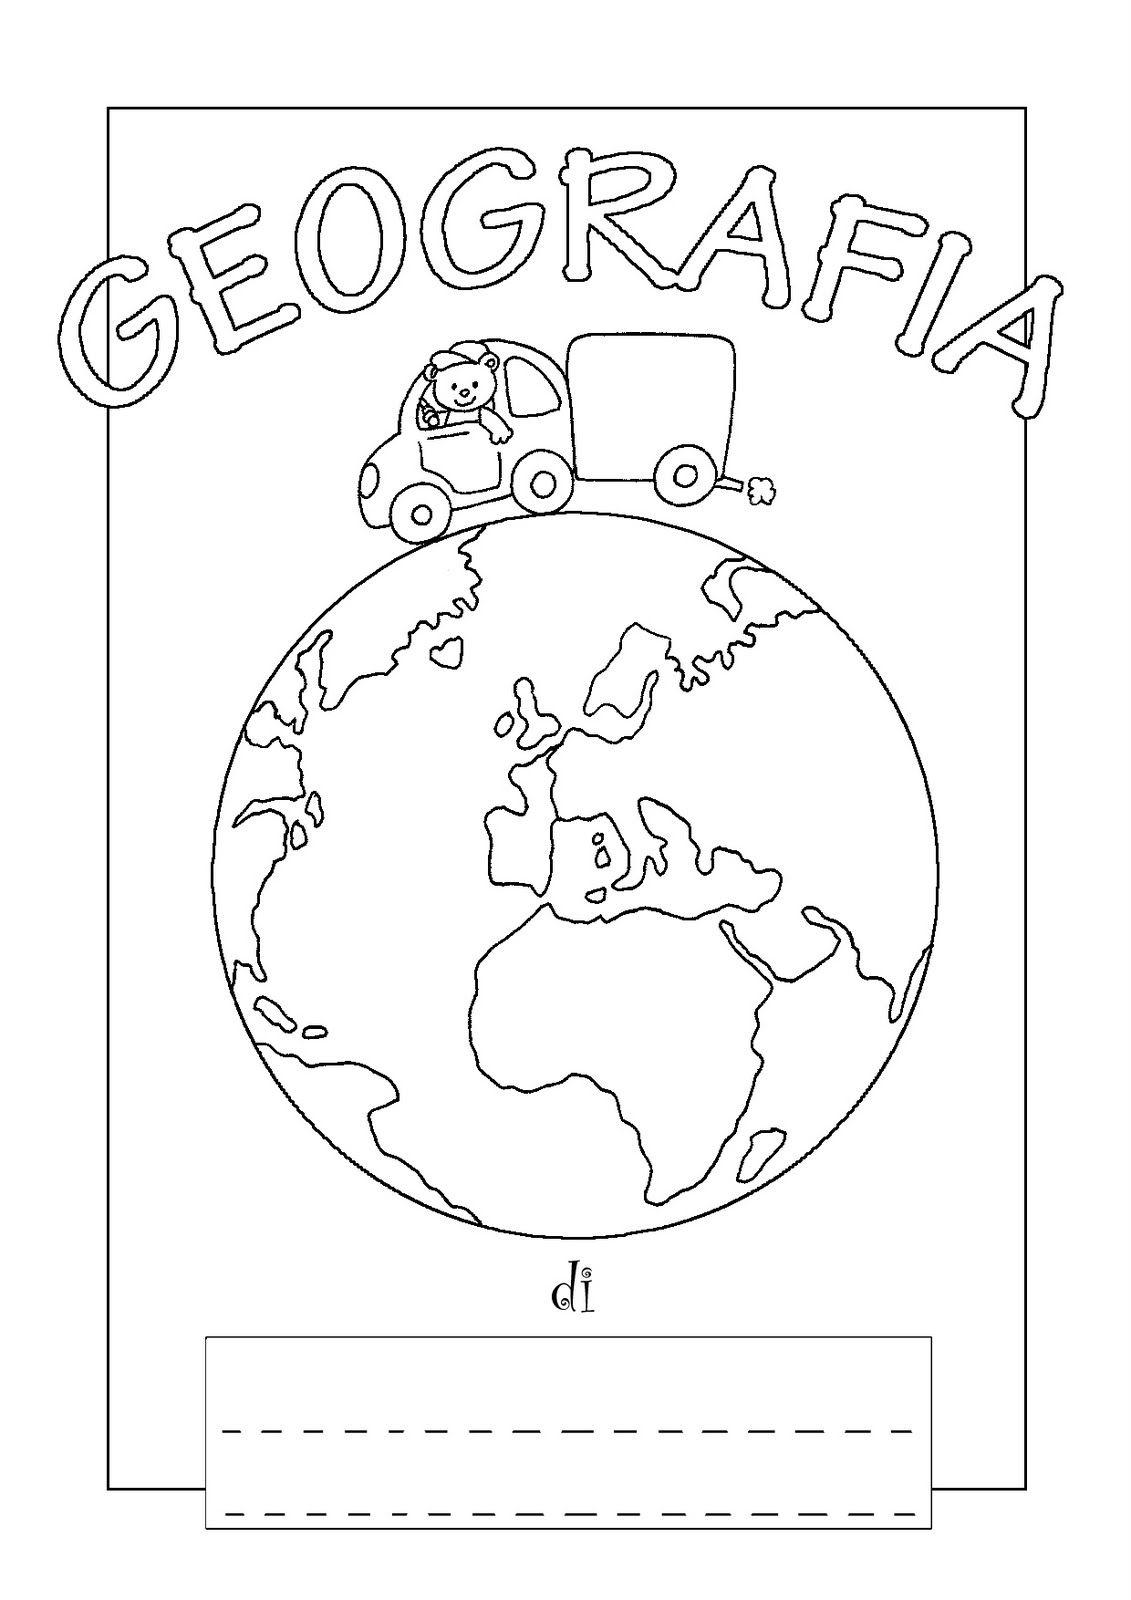 Copertine Quaderni Da Colorare Classe Quinta.Risultati Immagini Per Copertine Di Italiano Classe Quinta